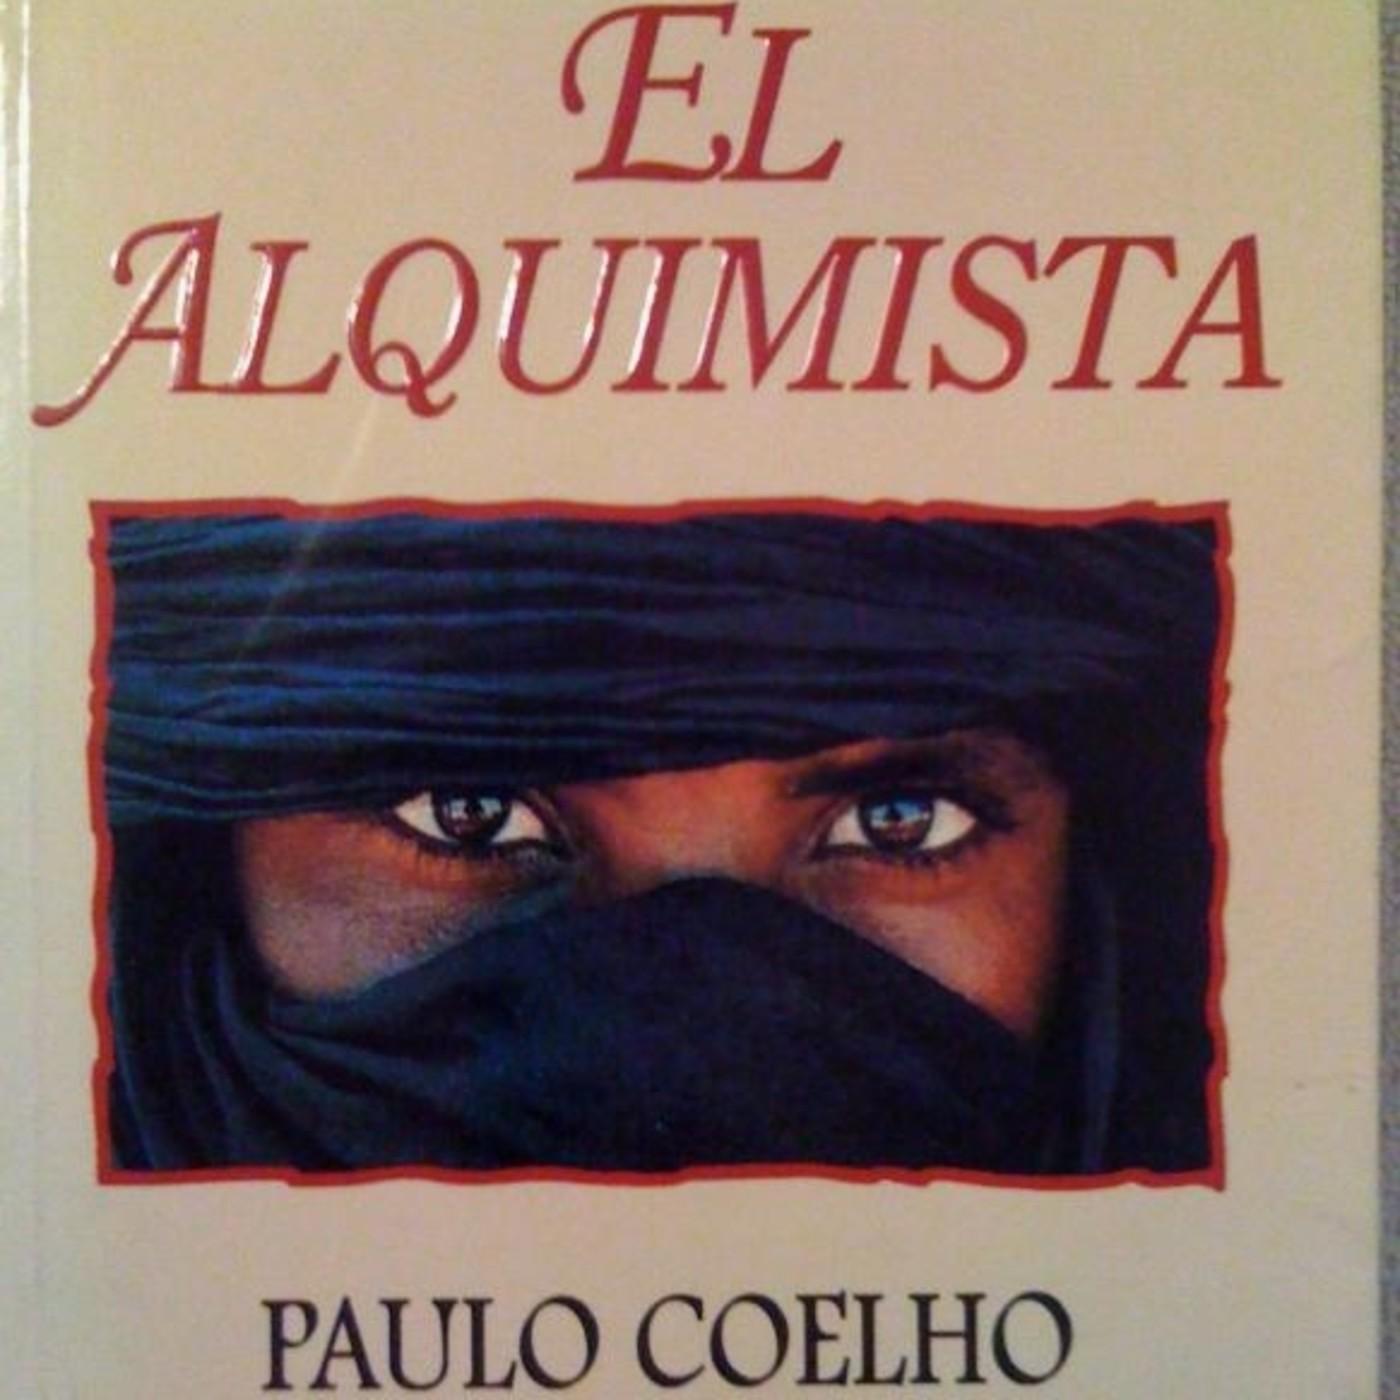 El Alquimista Paulo Coelho Audiolibro En Exito Extremo En Mp3 16 08